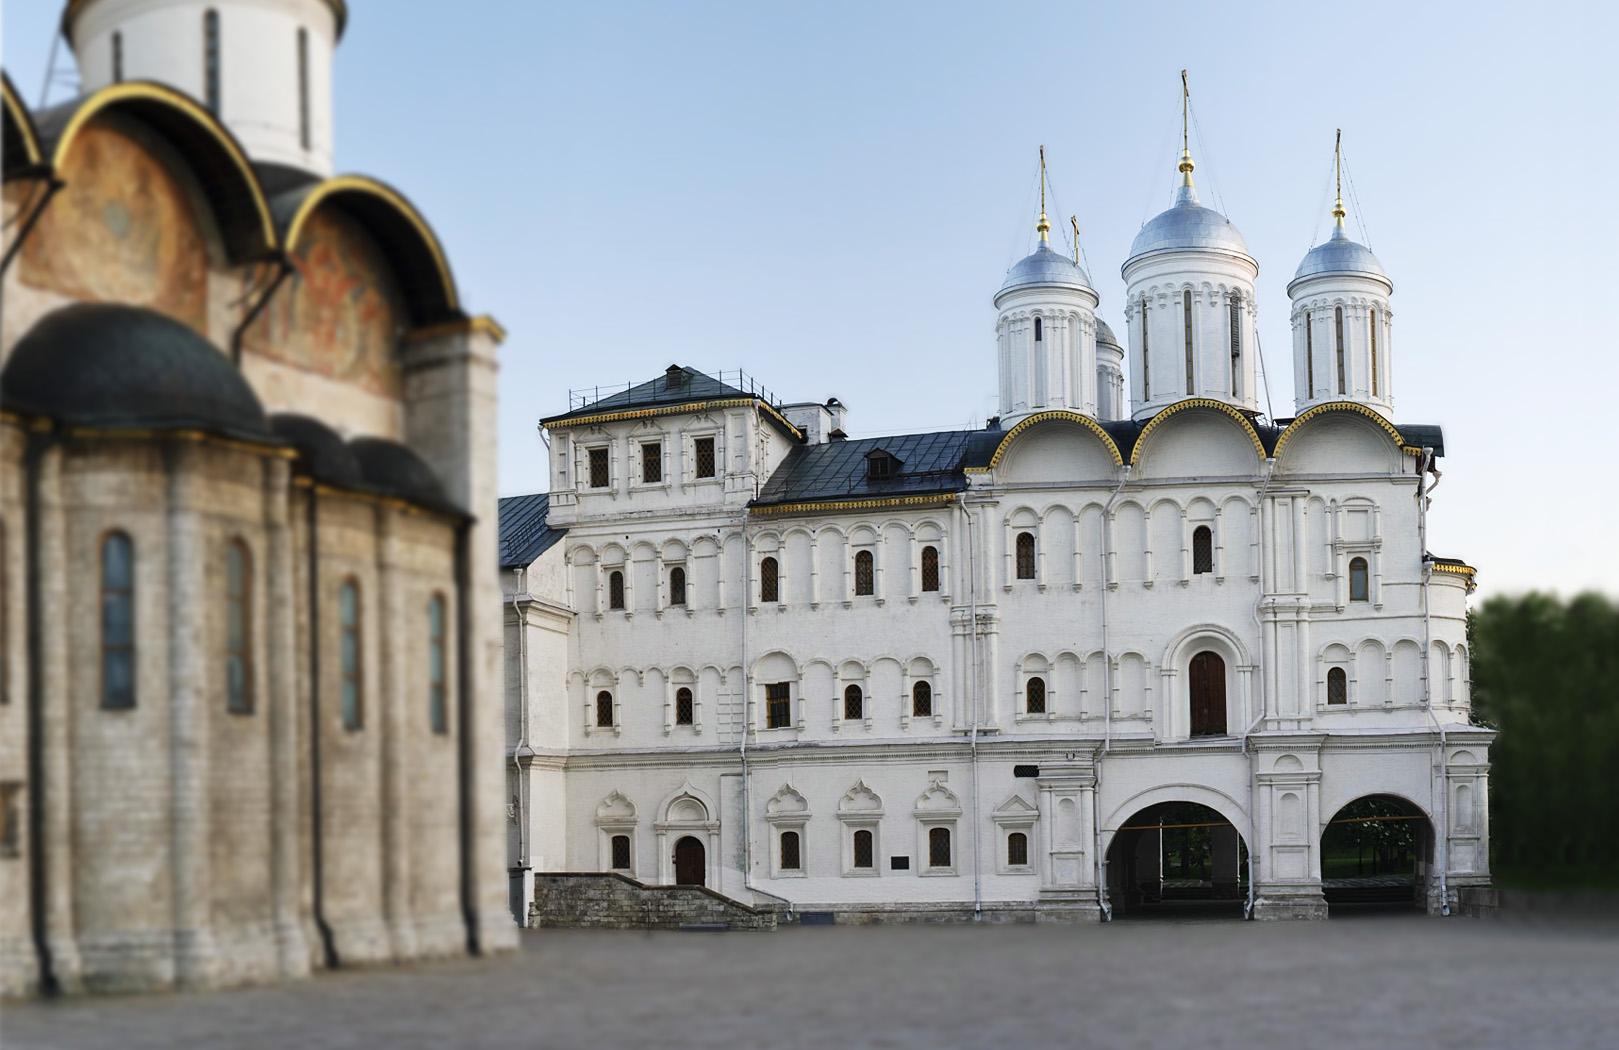 патриаршие палаты картинка 2